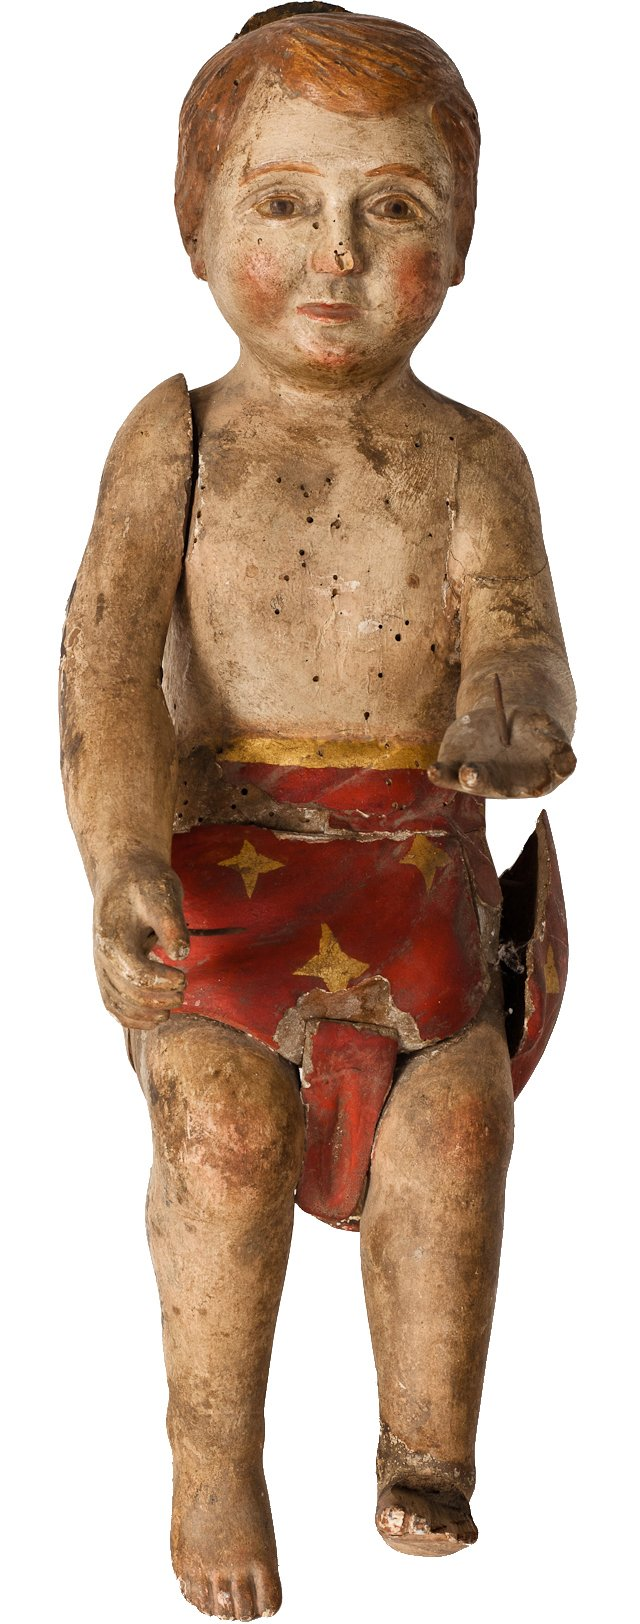 Antique Wooden Christ Child Statue